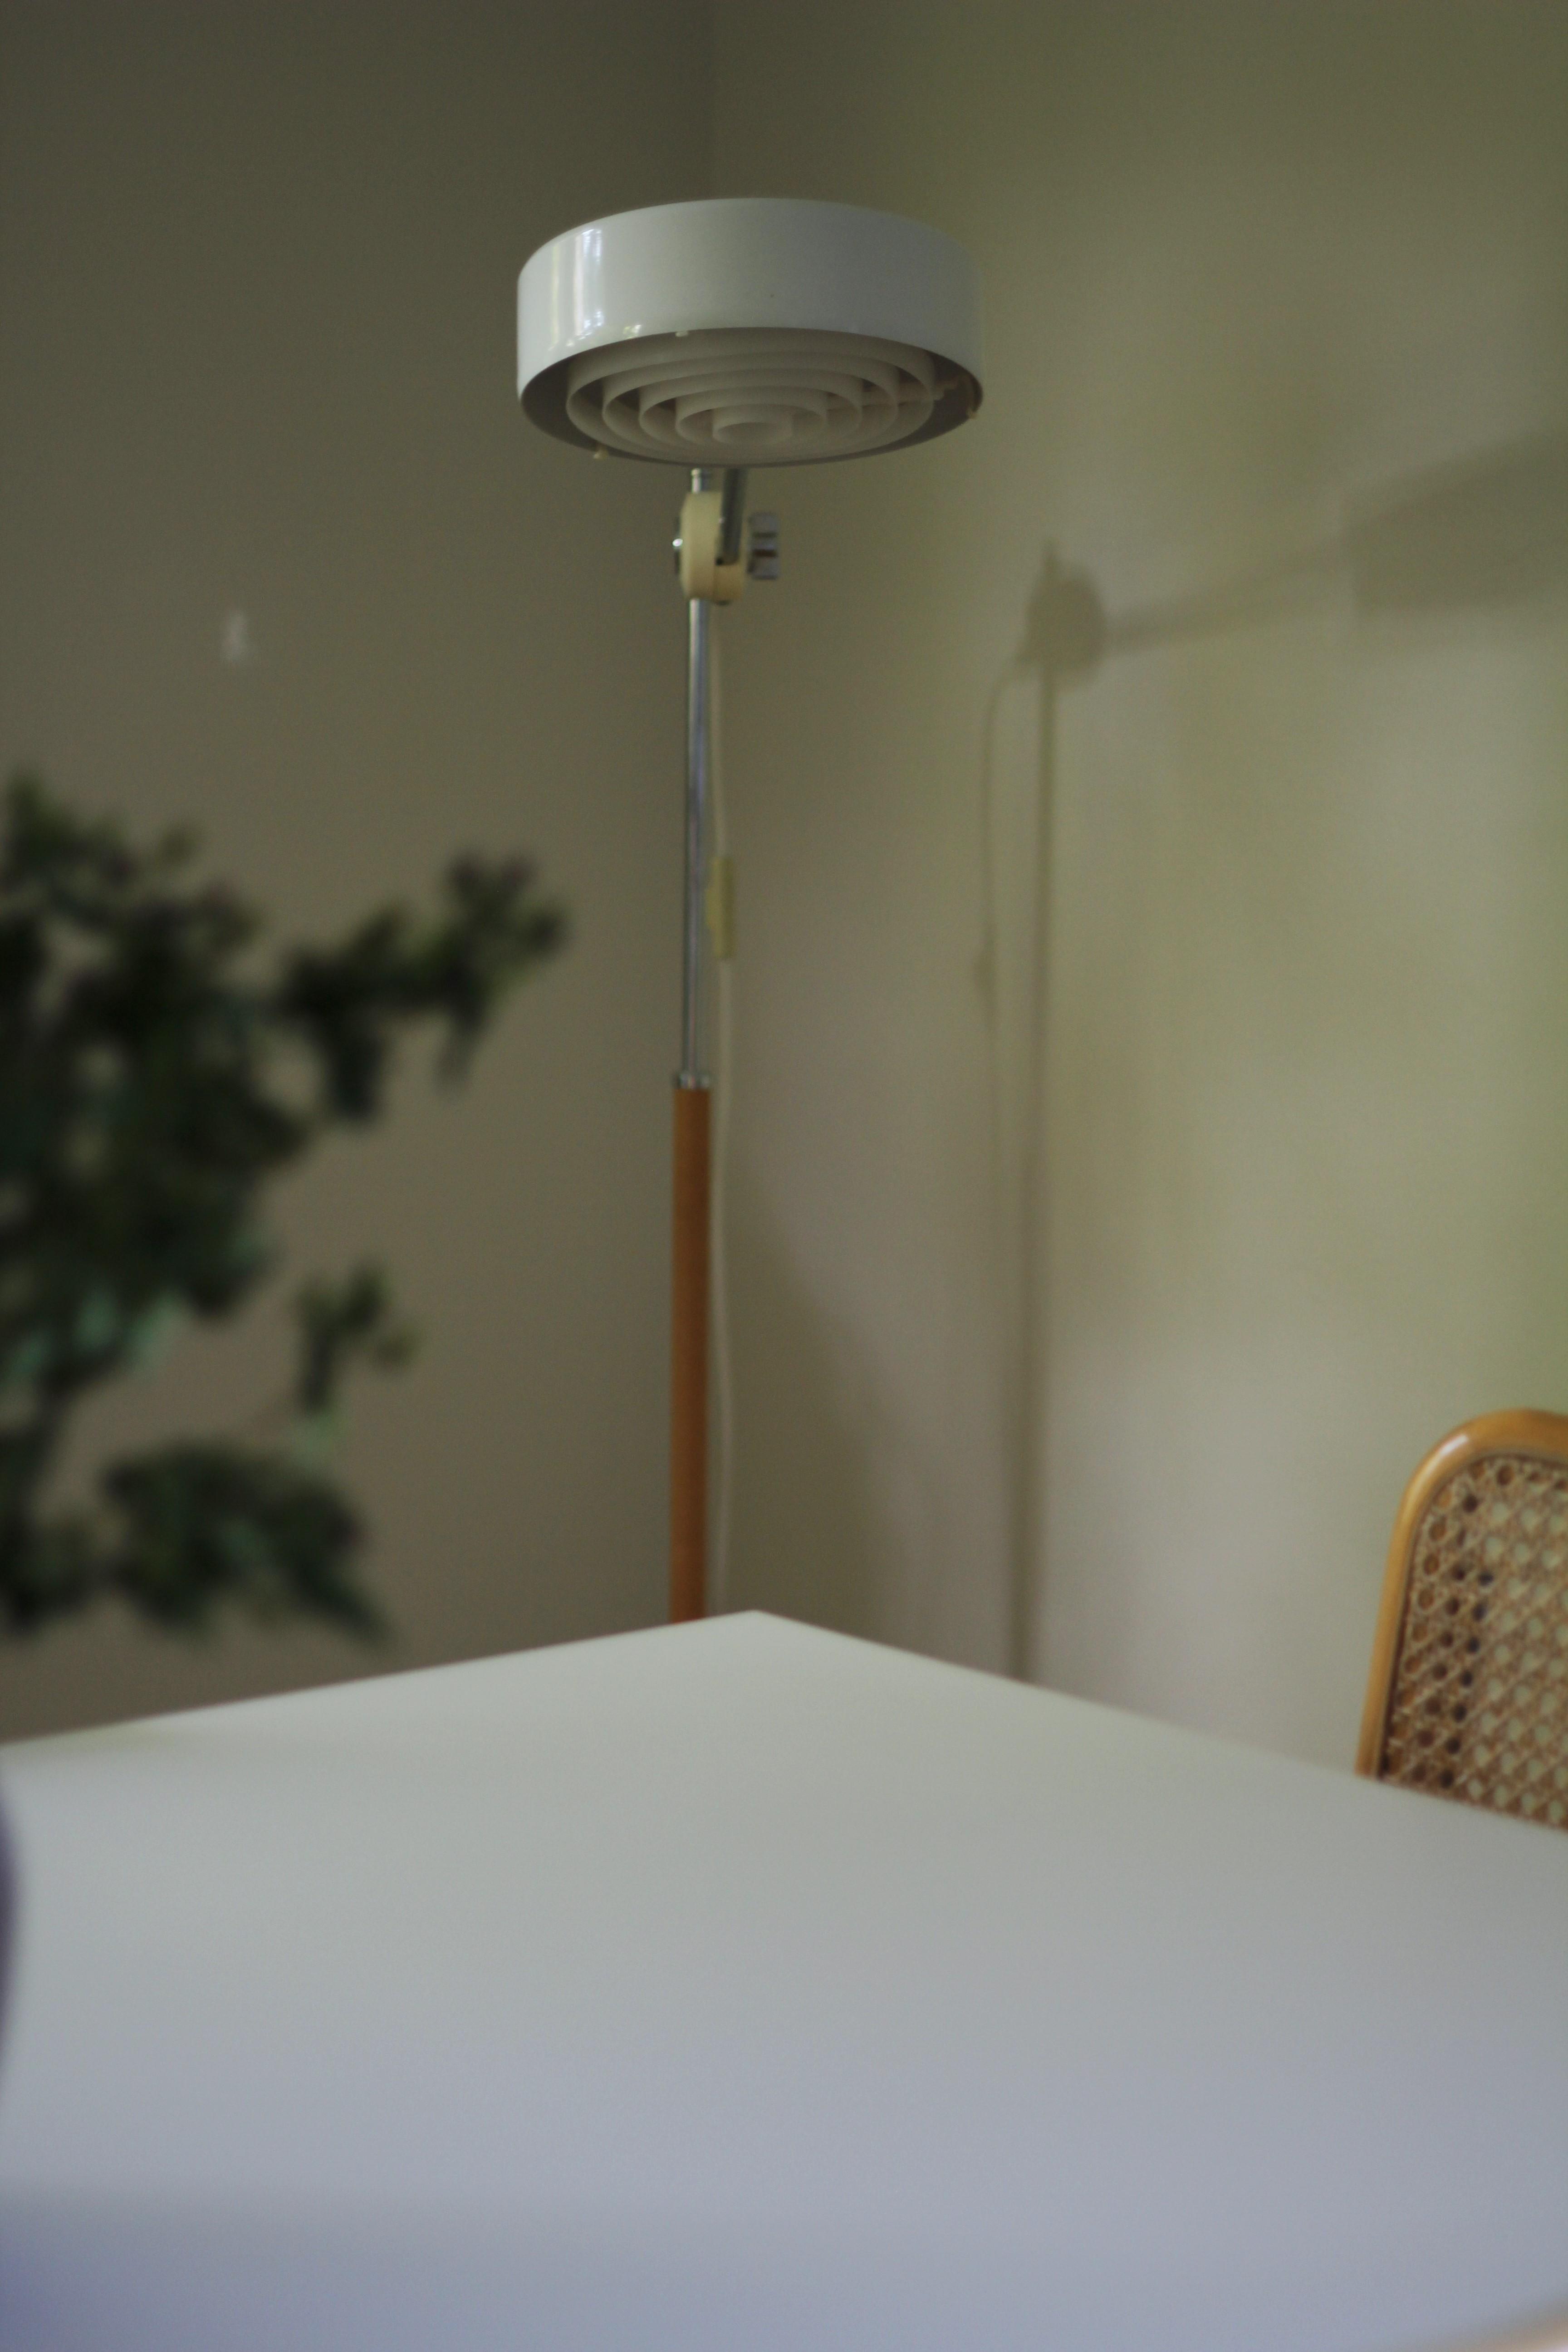 Simris toimii ruokailutilassa sekä tunnelma-, että työvalaisimena. Valo suodattuu kehikon läpi pehmeänä.